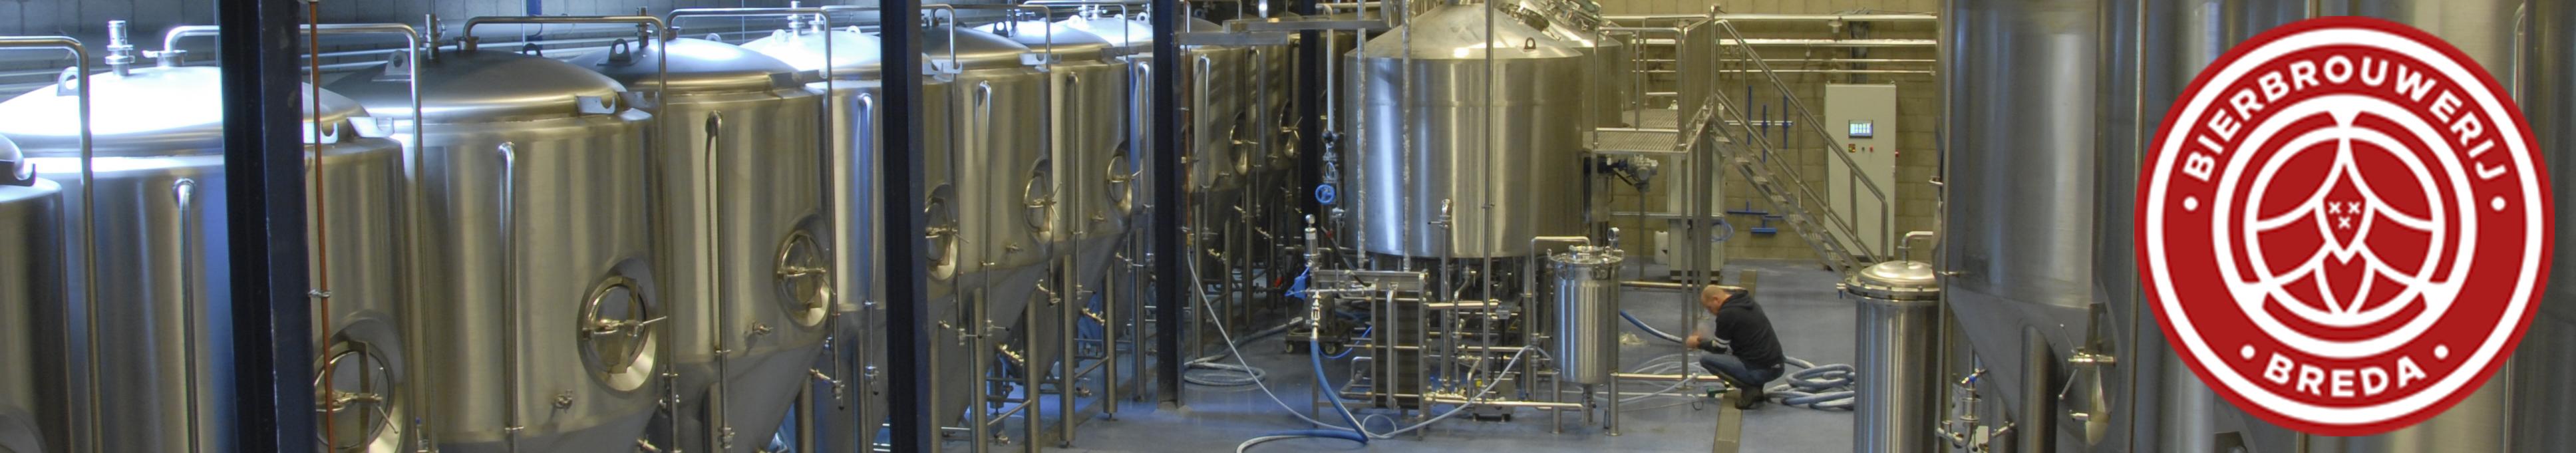 Bierbrouwerij Breda